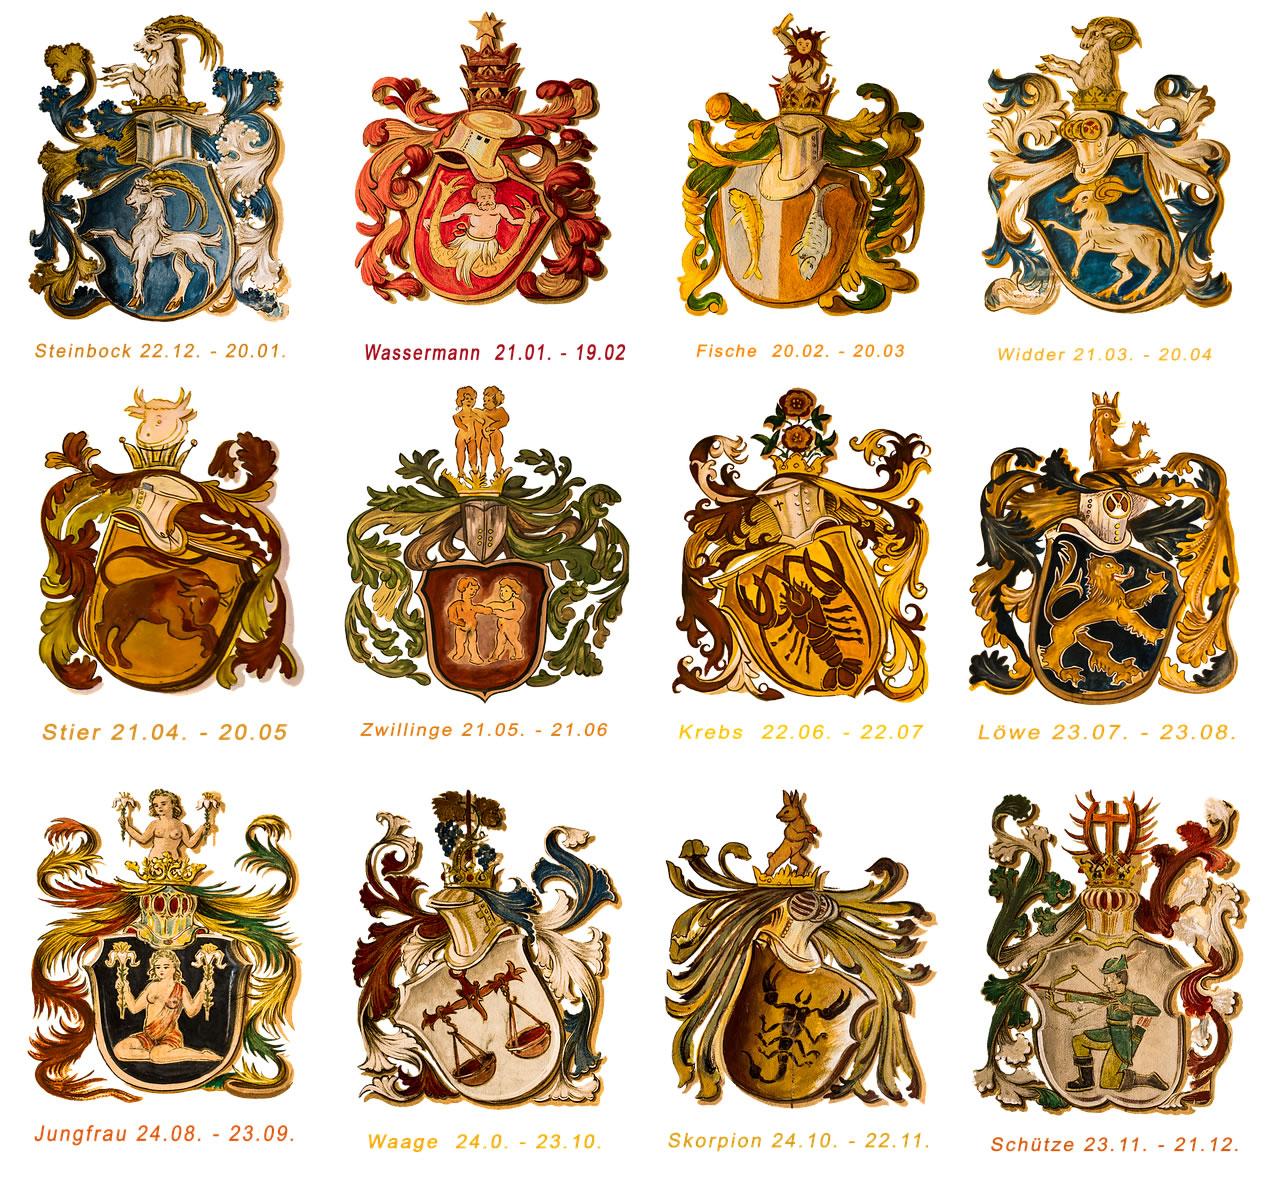 Fechas signos zodiacales - Signos del zodiaco en orden ...